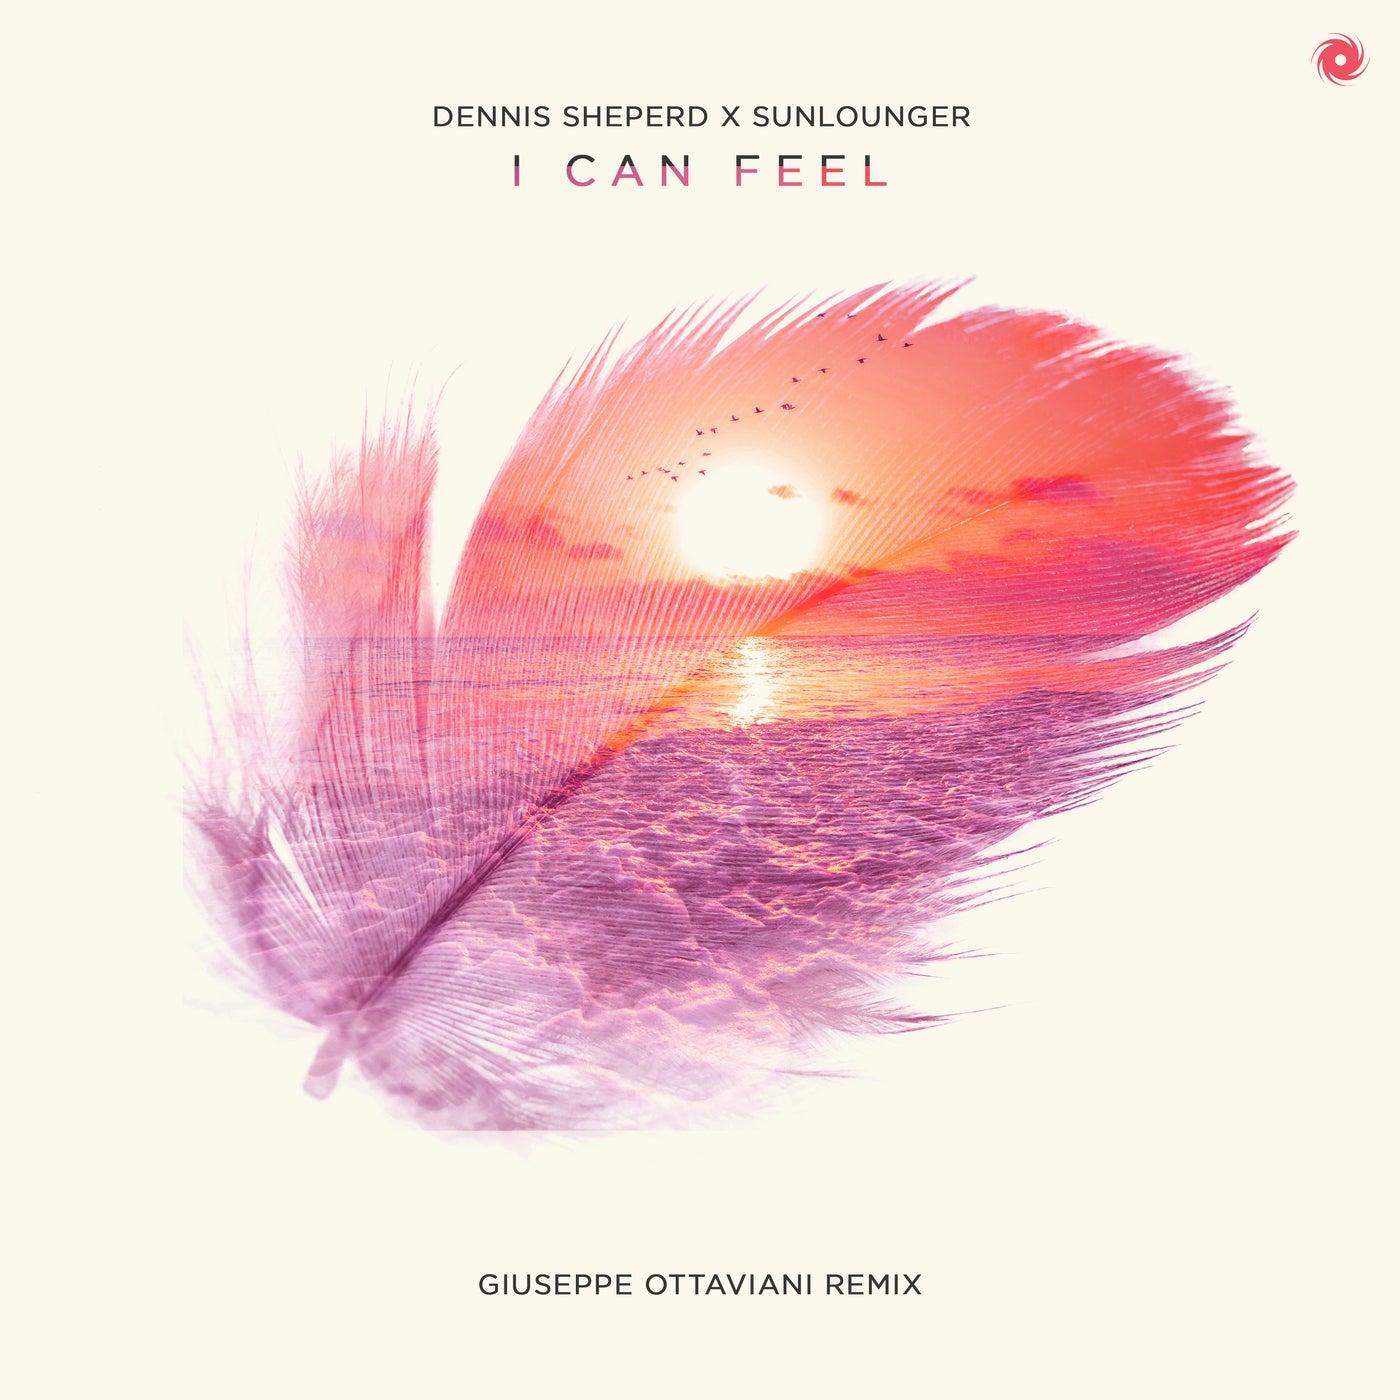 I Can Feel (Giuseppe Ottaviani Extended Remix)